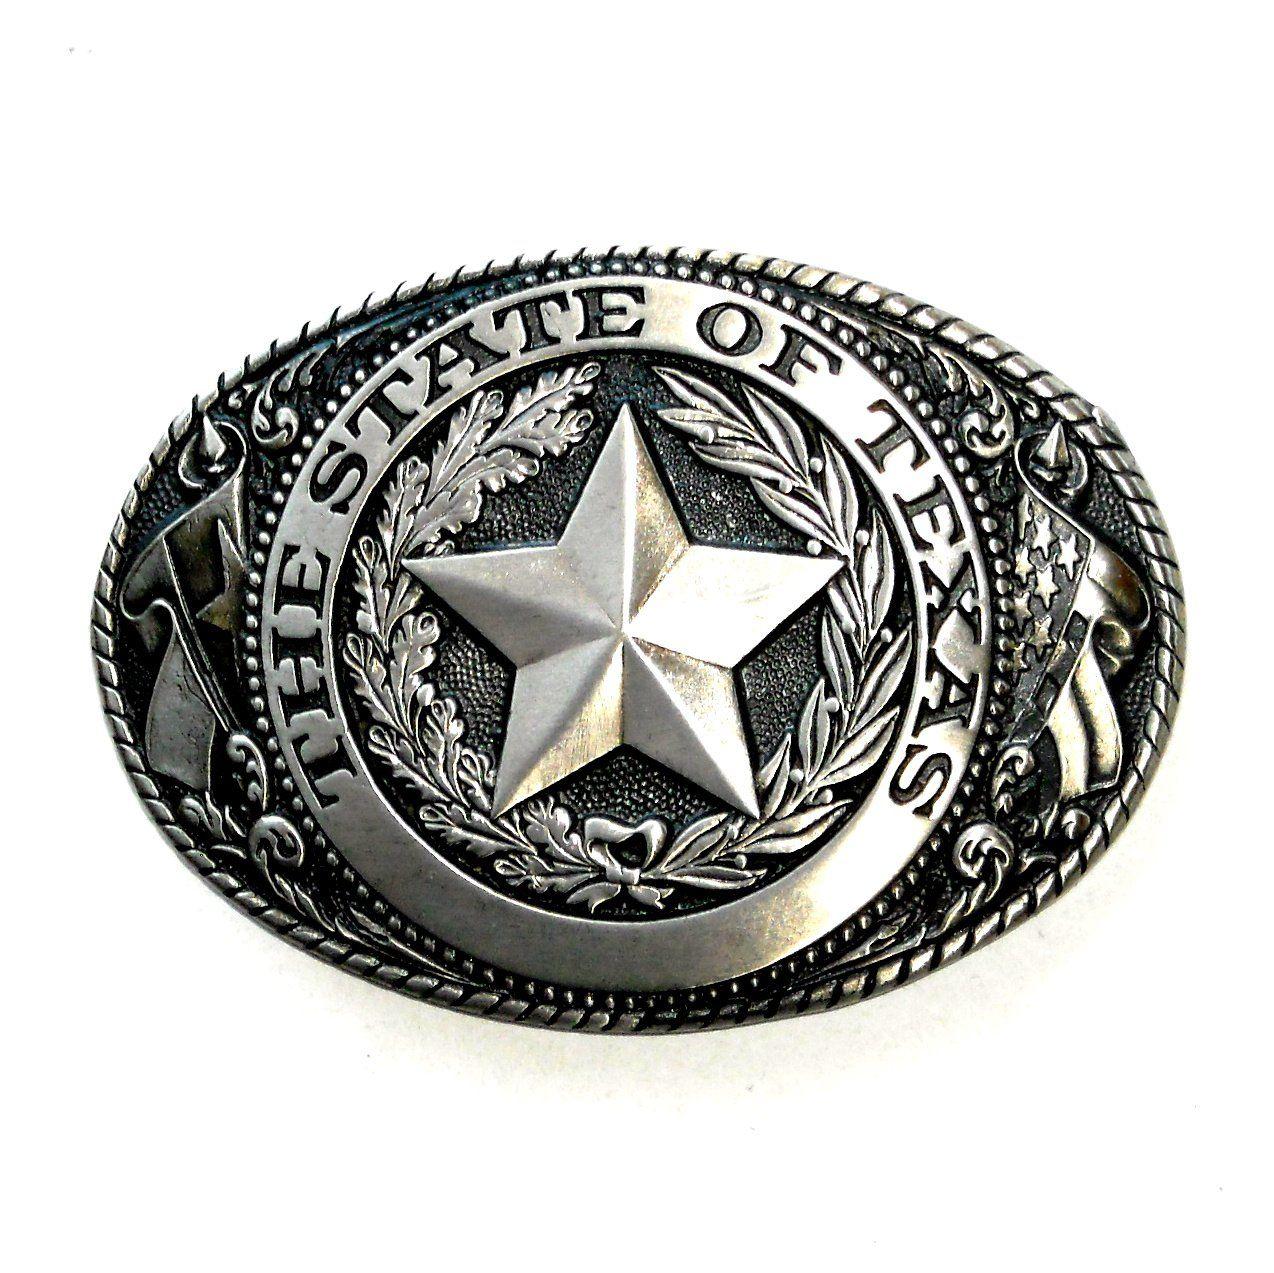 Lone Star Texas Usa Belt Buckle Silver Rhinestone  Western Cowboy Rodeo Mens Big